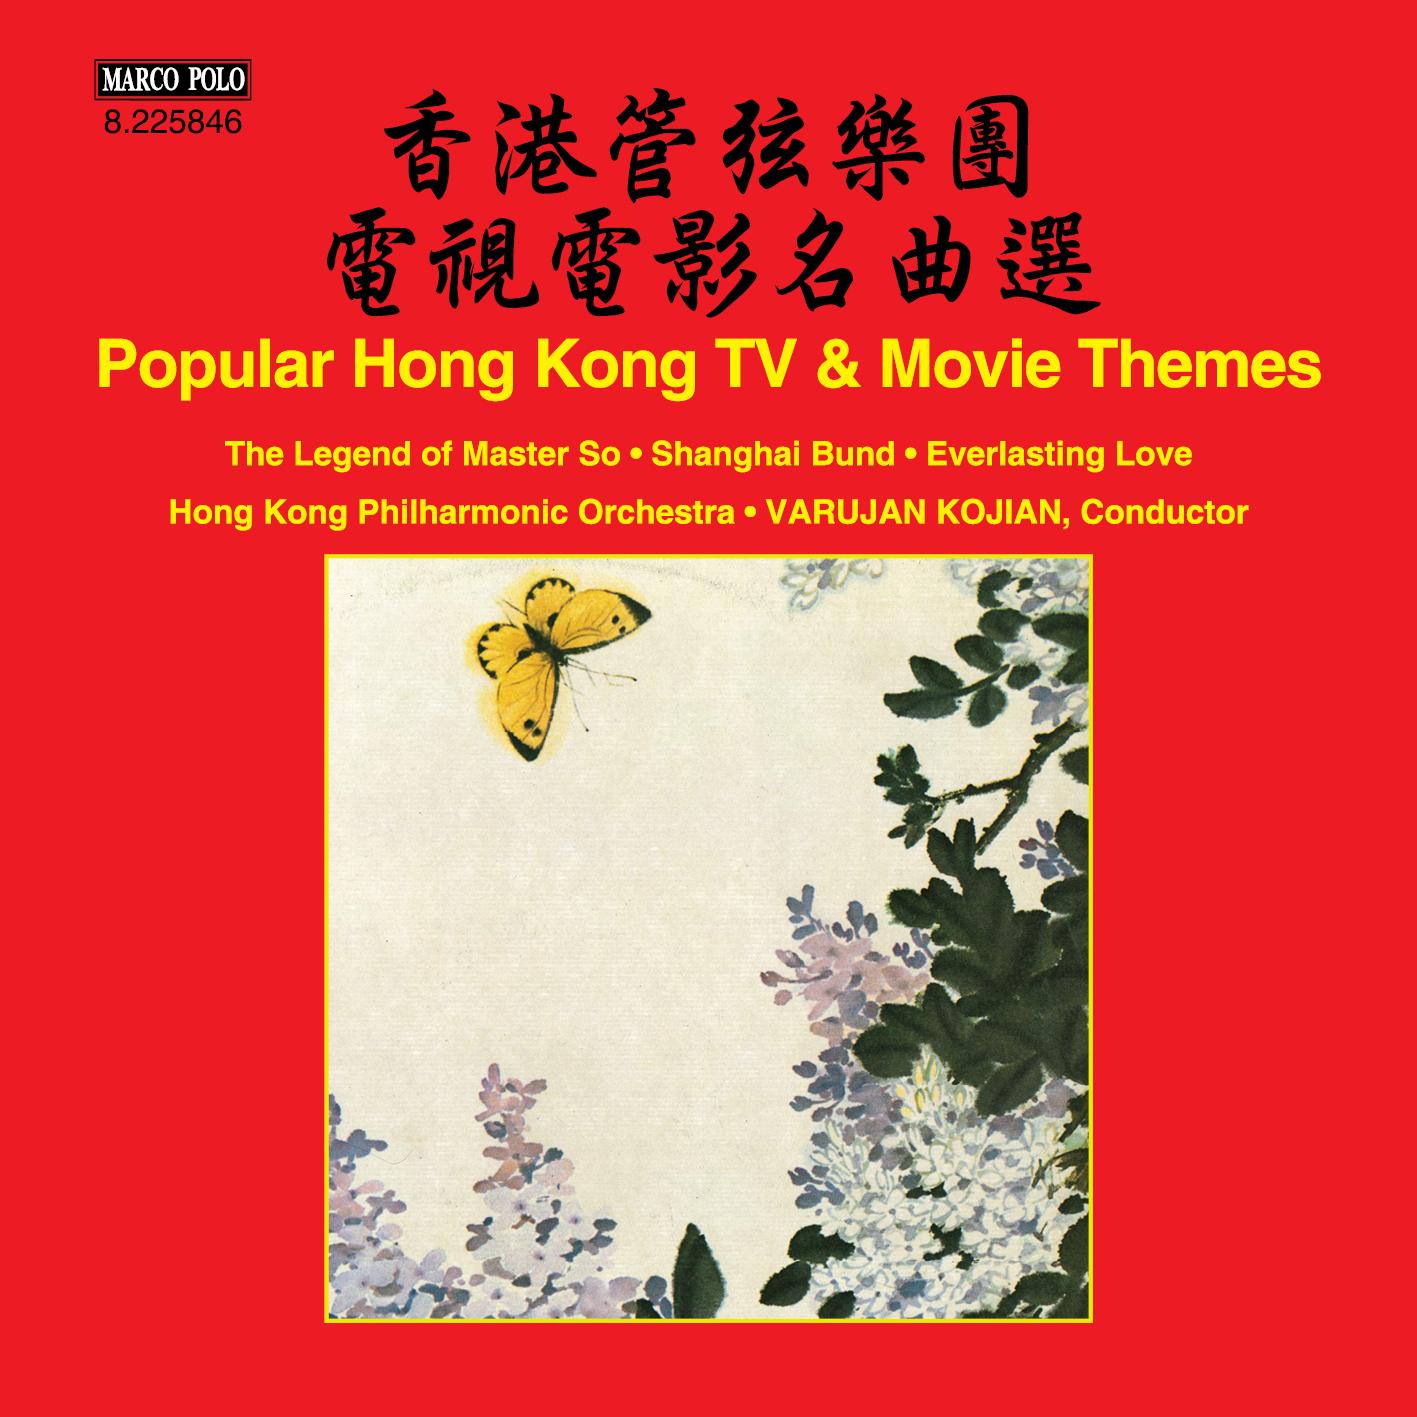 Popular Hong Kong TV & Movie Themes